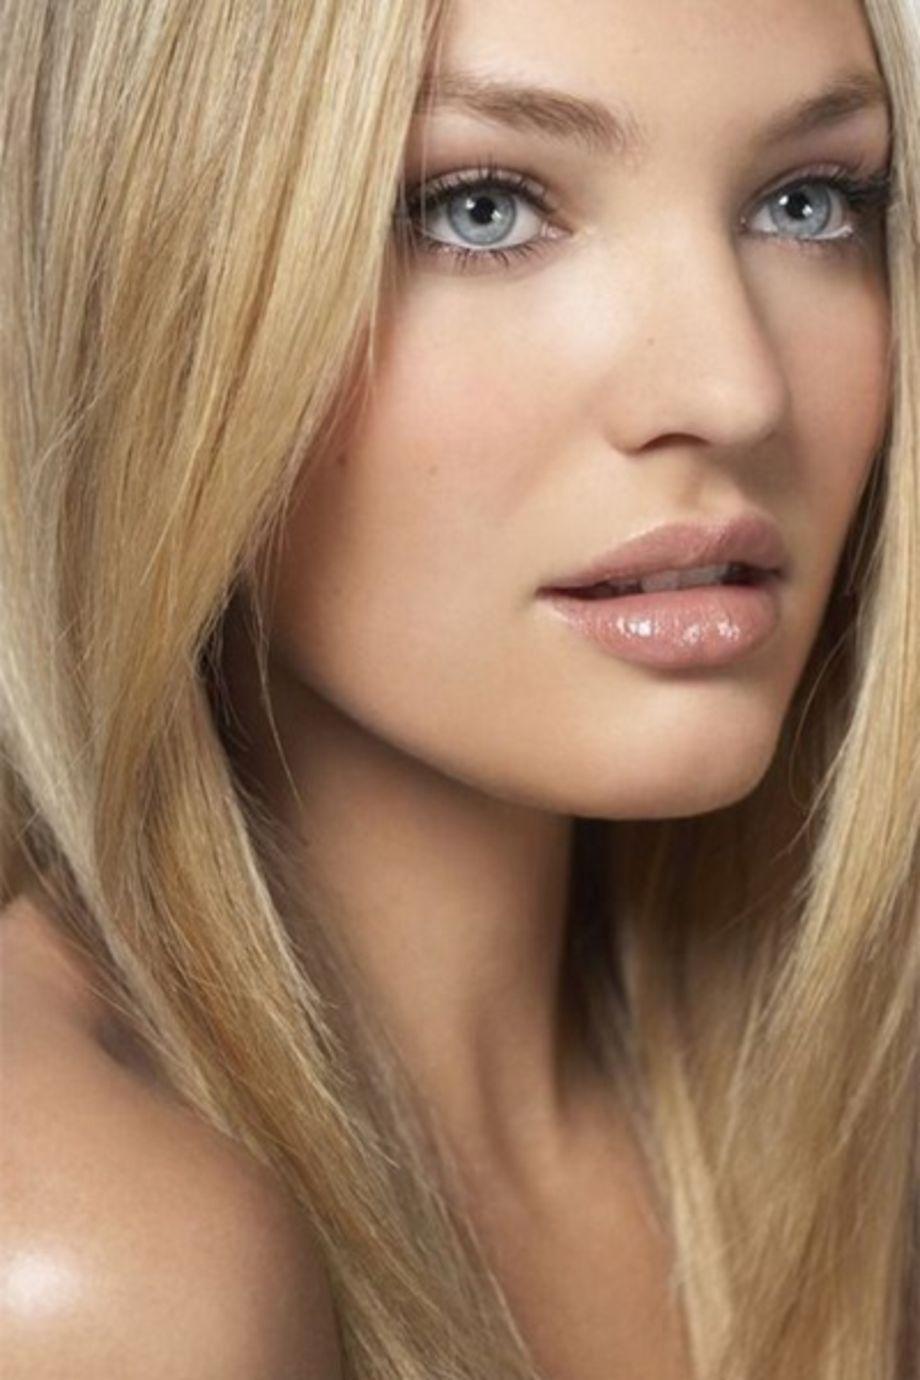 cool 60 Smokey Wedding Make Up Ideas for Blonde https